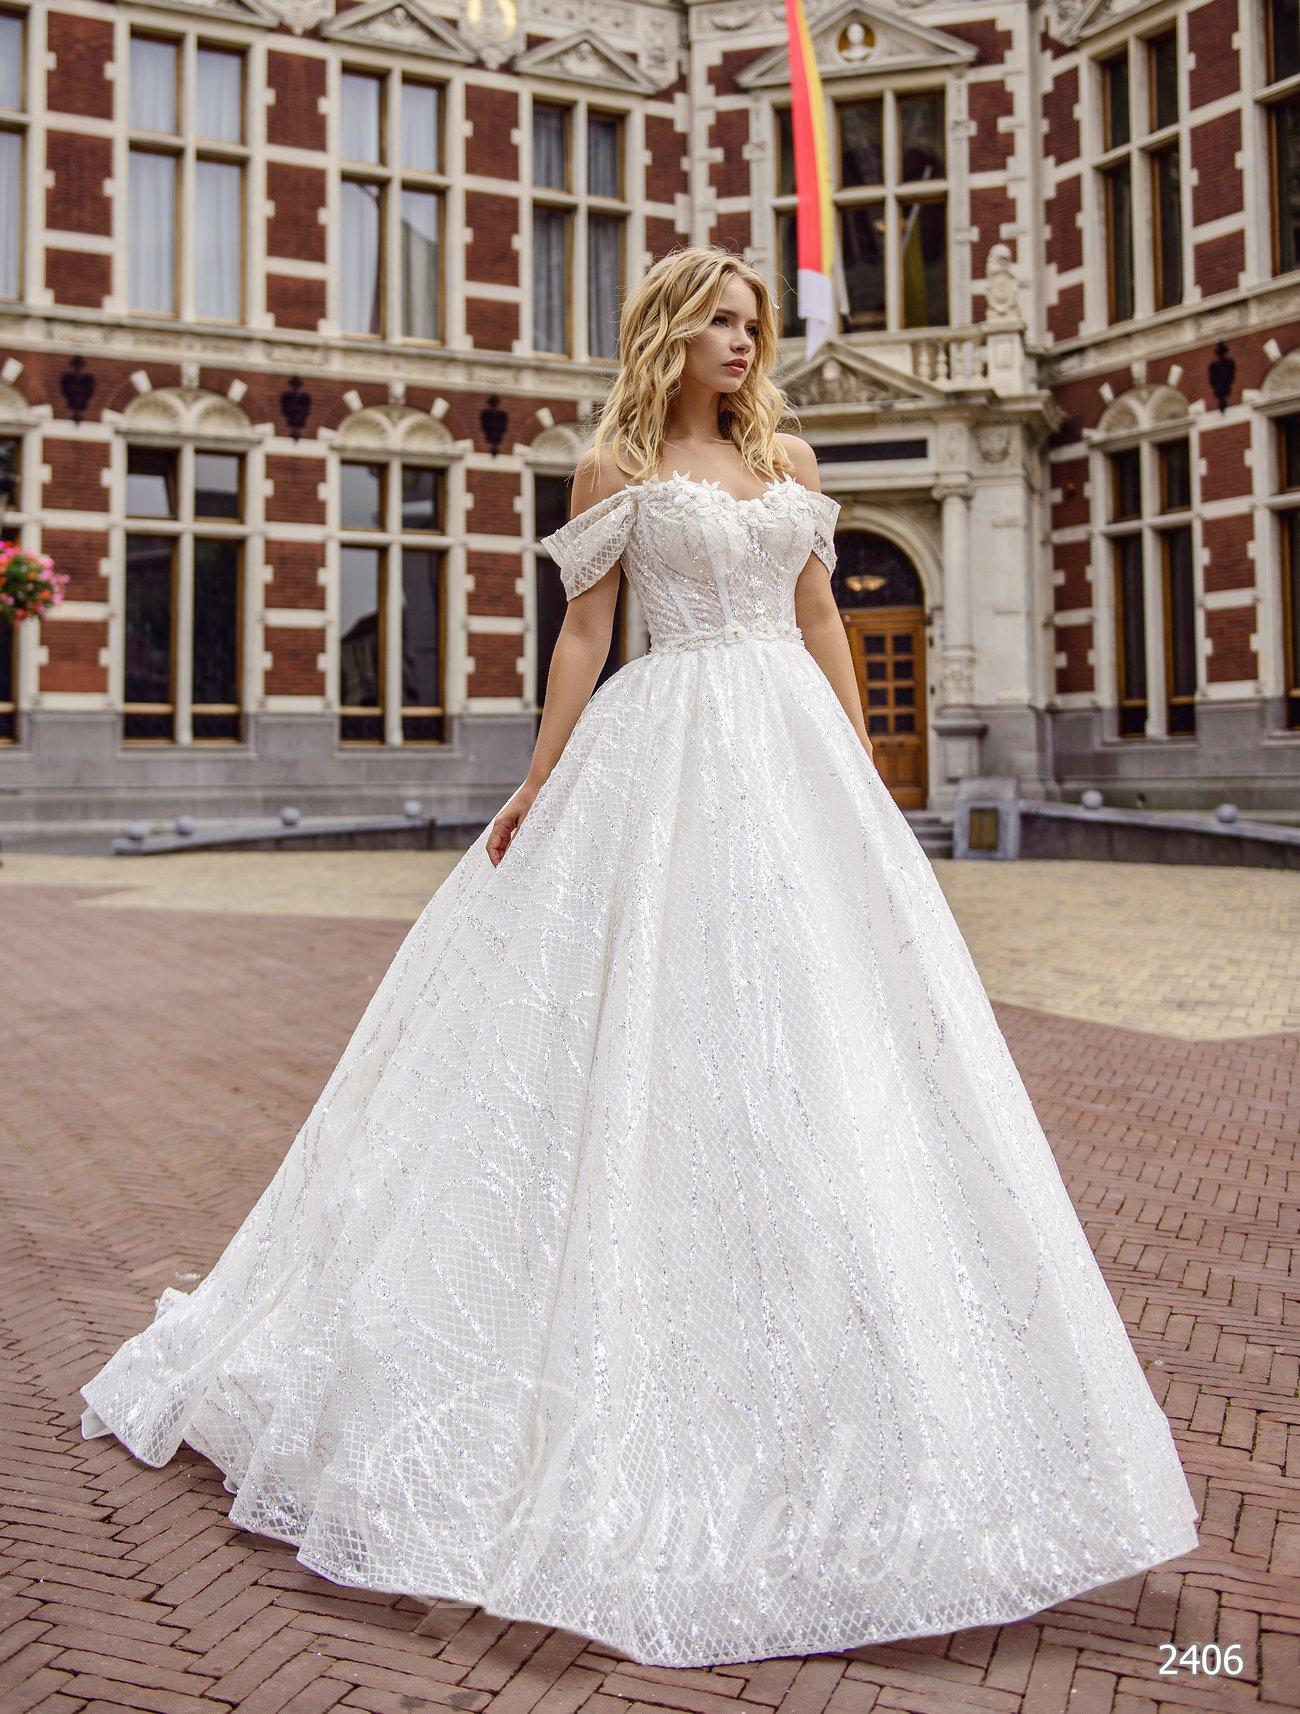 Пышное свадебное платье с приспущенными плечами